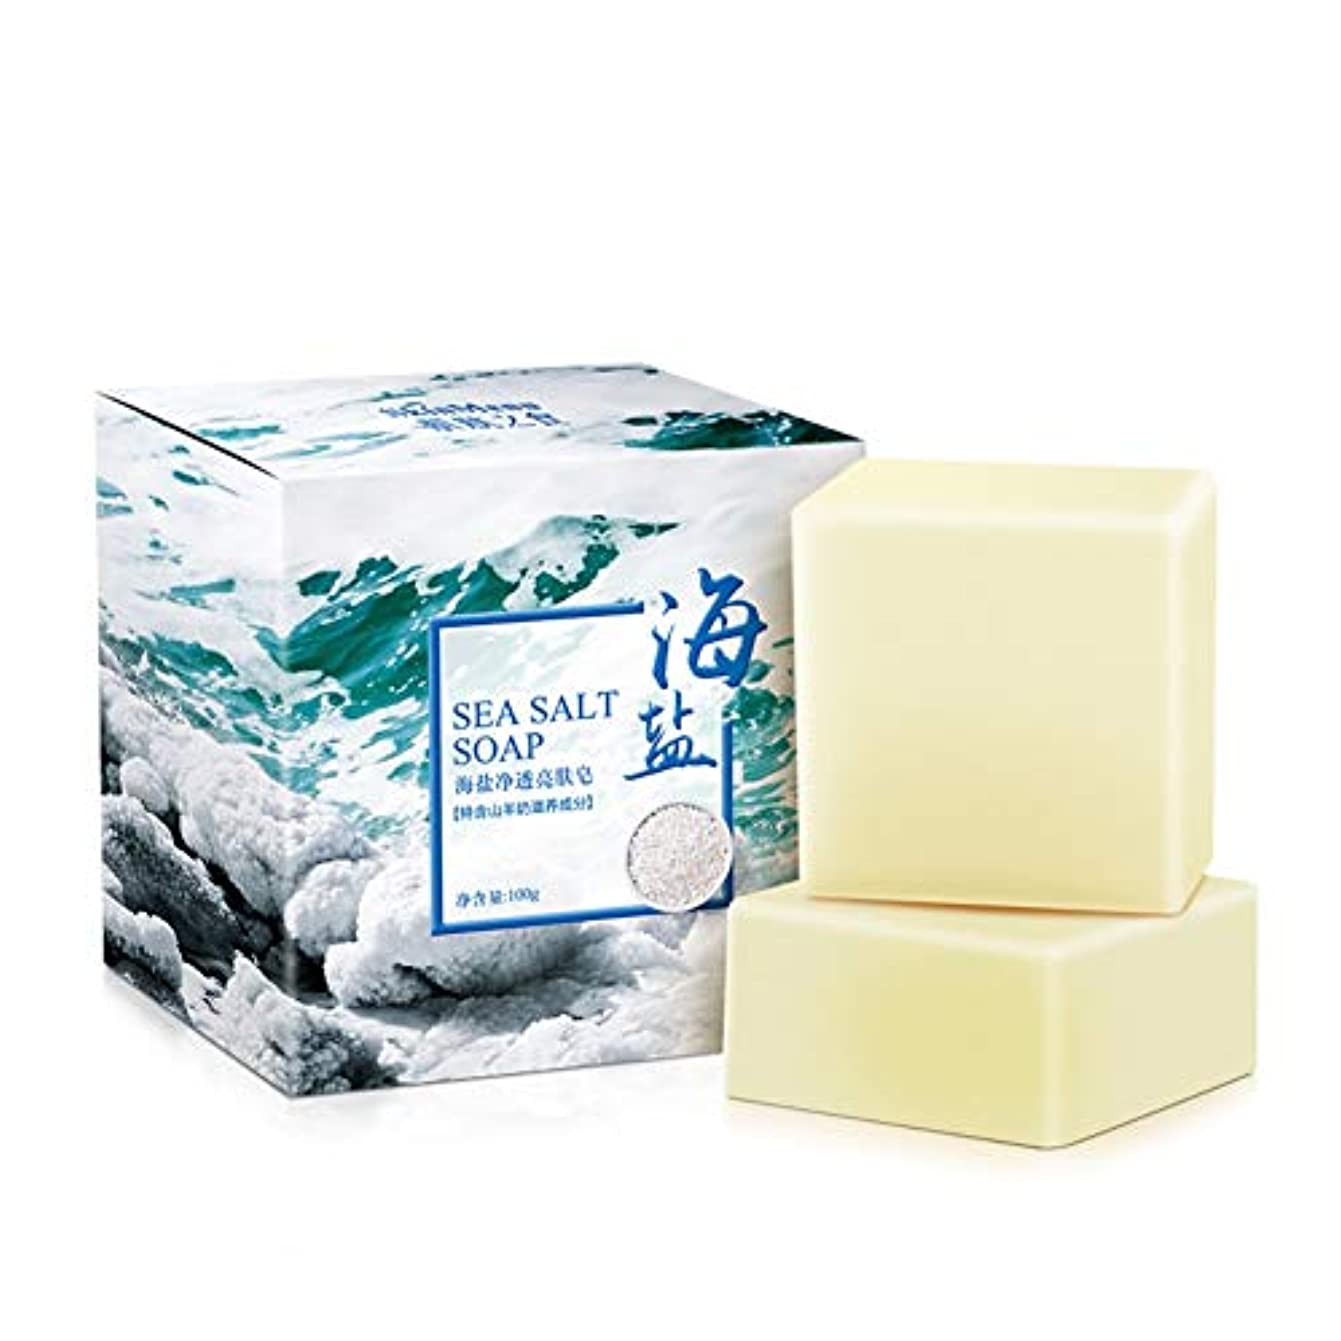 行為ウールタックルKISSION せっけん 透明な半透明石鹸 海塩が豊富 ローカストソープ ダニをすばやく削除 無添加 敏感 保湿 肌用 毛穴 対策 パーソナルケア製品